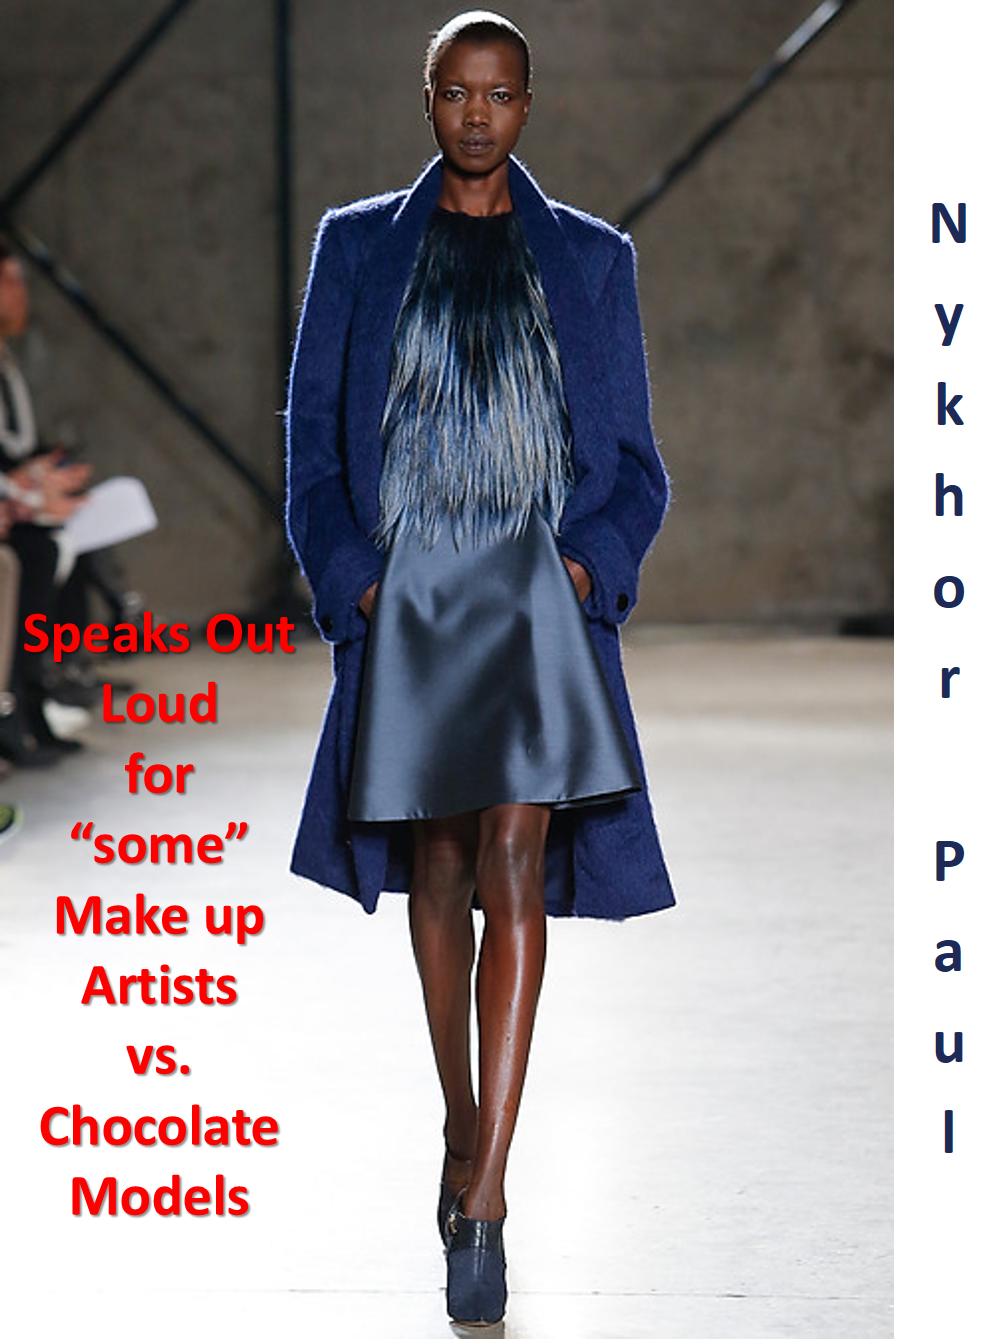 Nykhor Paul-Speaks Out Loud